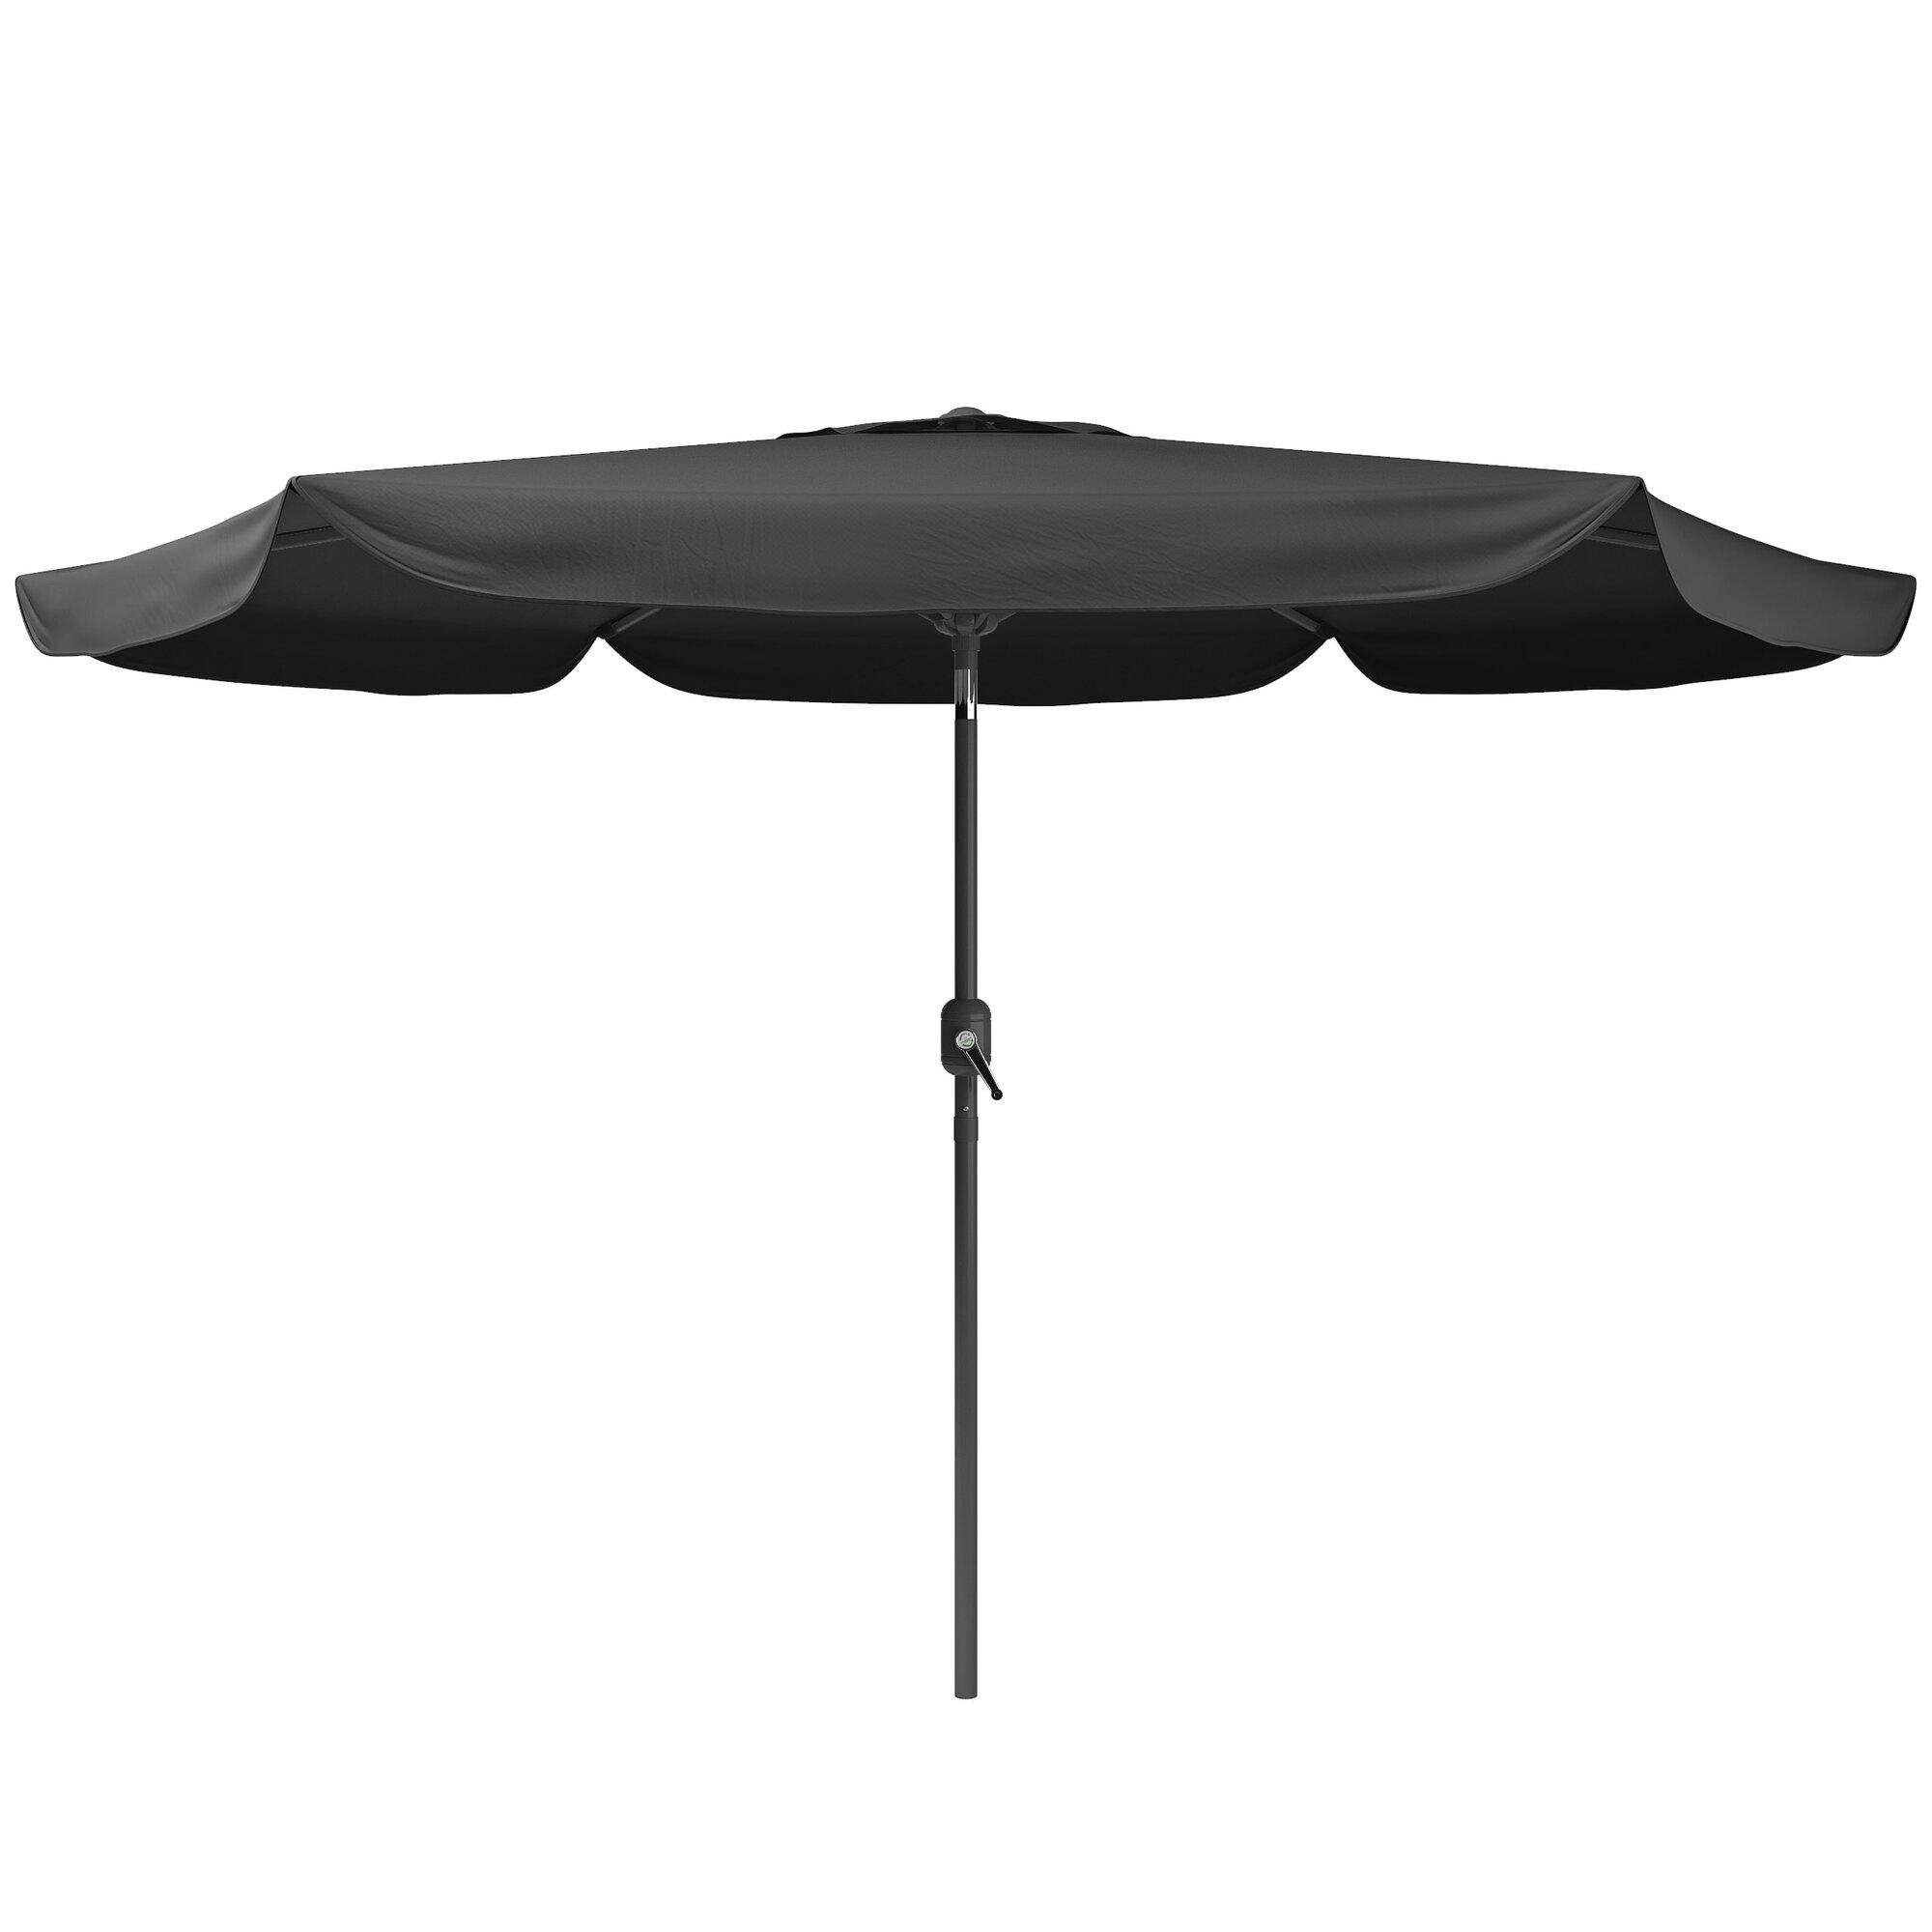 Details About Freeport Park Crowborough 10 Market Umbrella